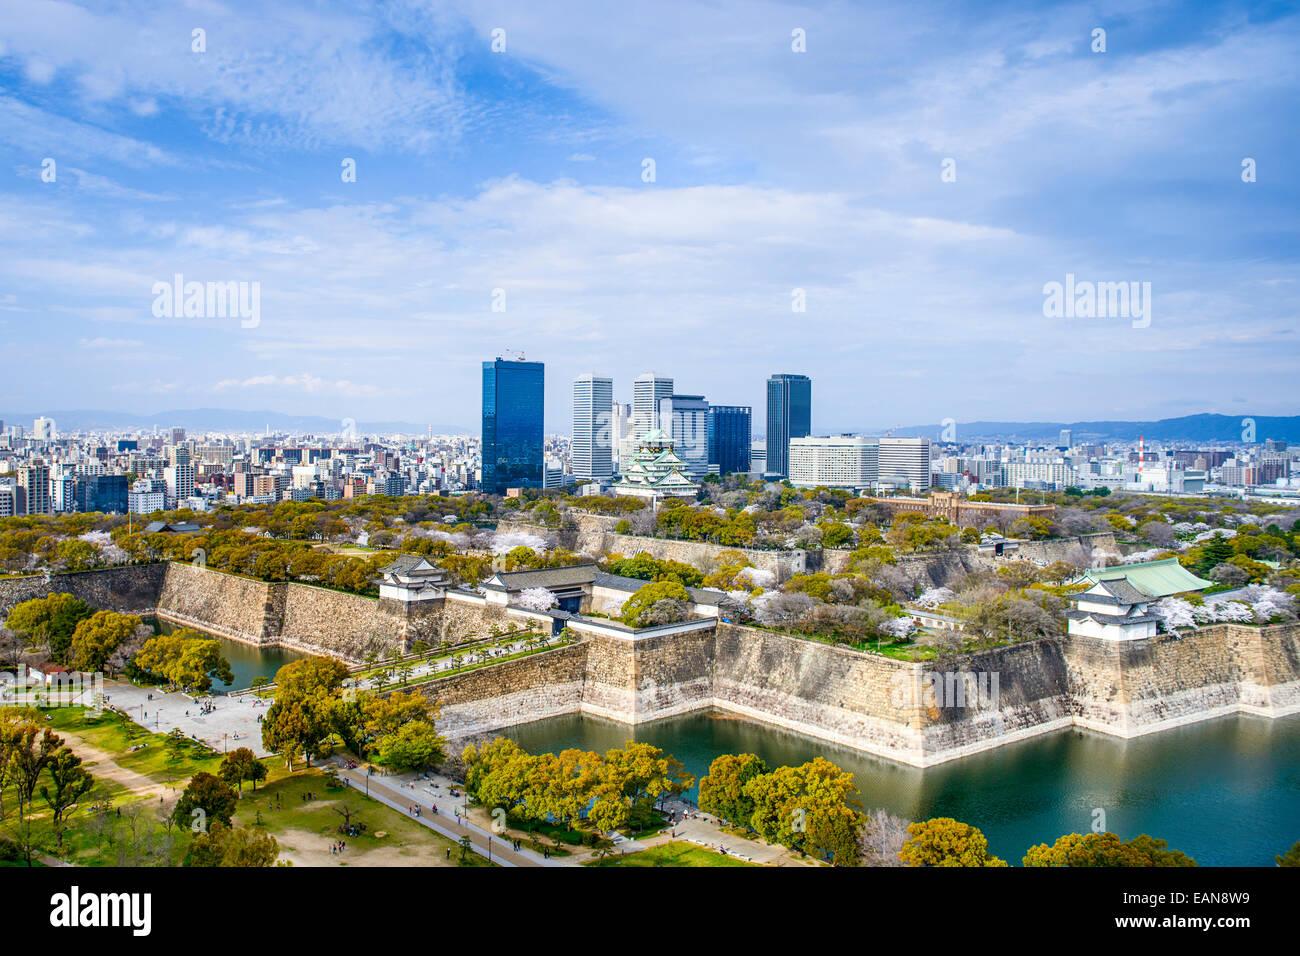 Osaka, Japón, el horizonte de la ciudad con el Castillo de Osaka. Imagen De Stock